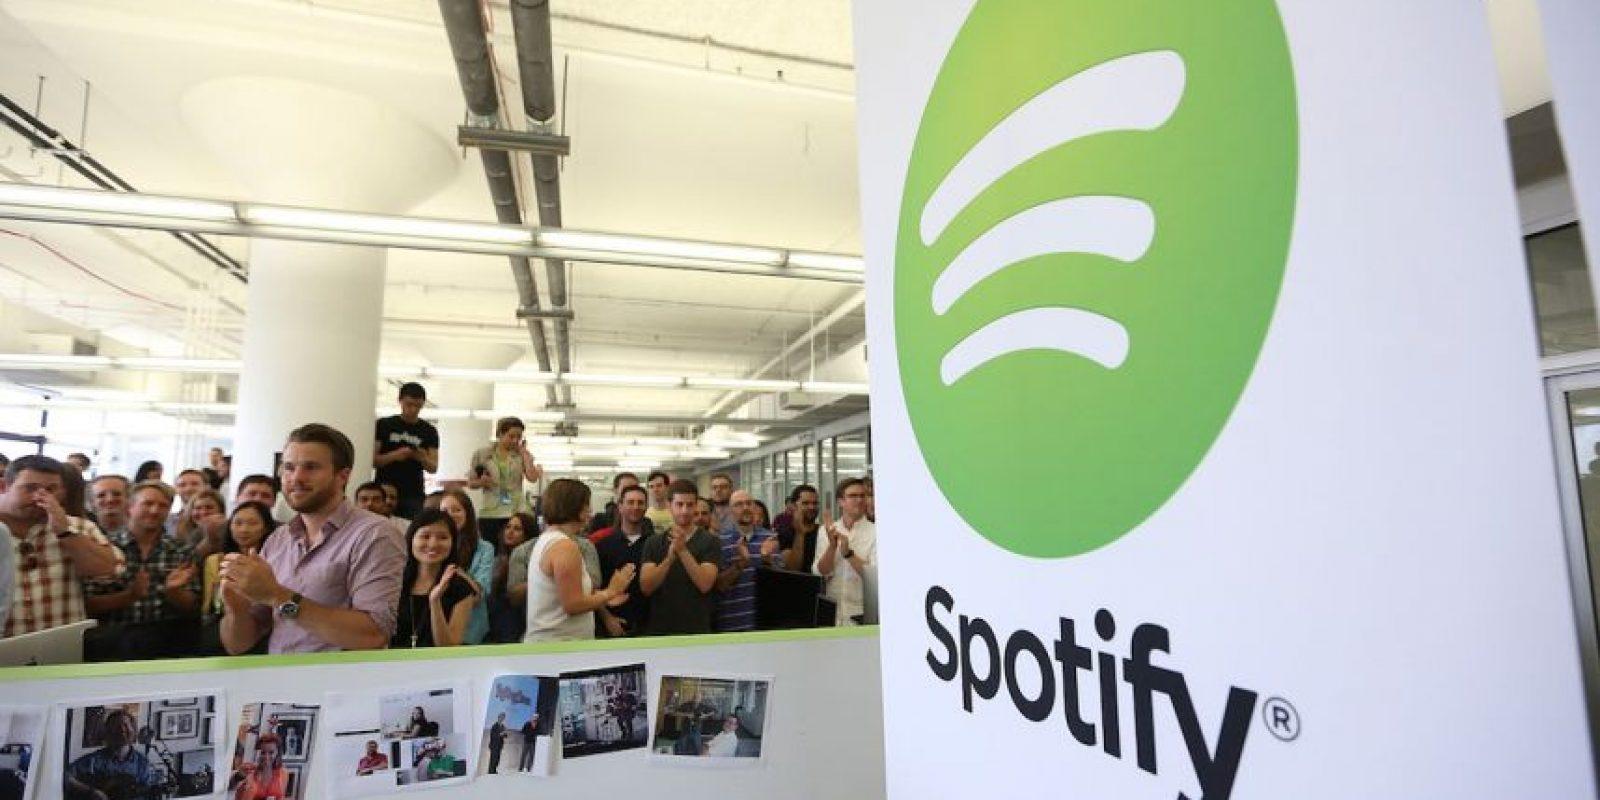 4- 9 dólares. El precio de la suscripción mensual. Aunque también tiene un opción de escuchar música sin costo con anuncios. Foto:Getty Images